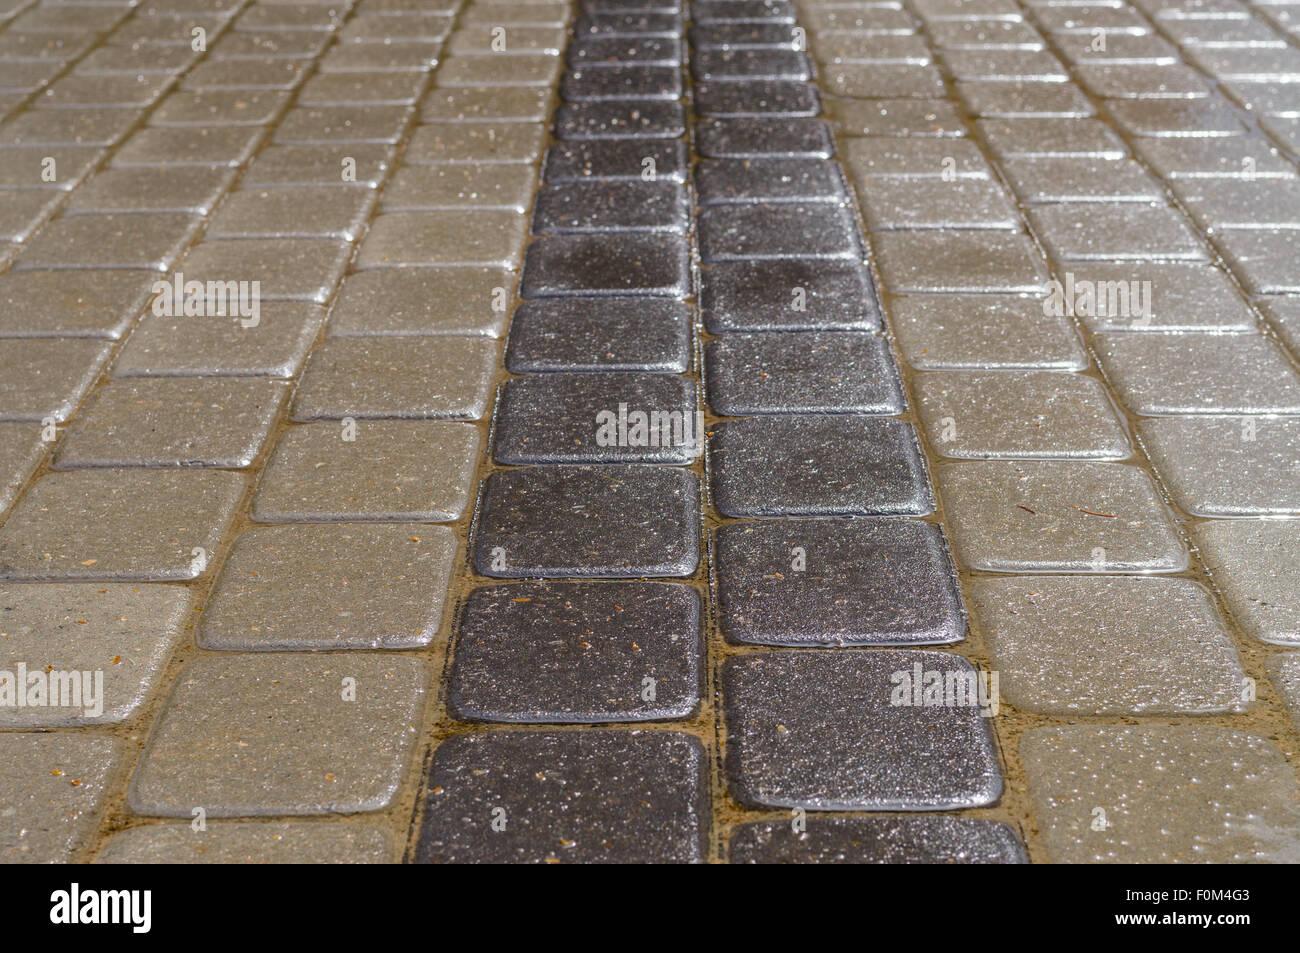 Dekorative Stein Ziegel, Dunkle Und Helle Fliesen Nach Dem Regen